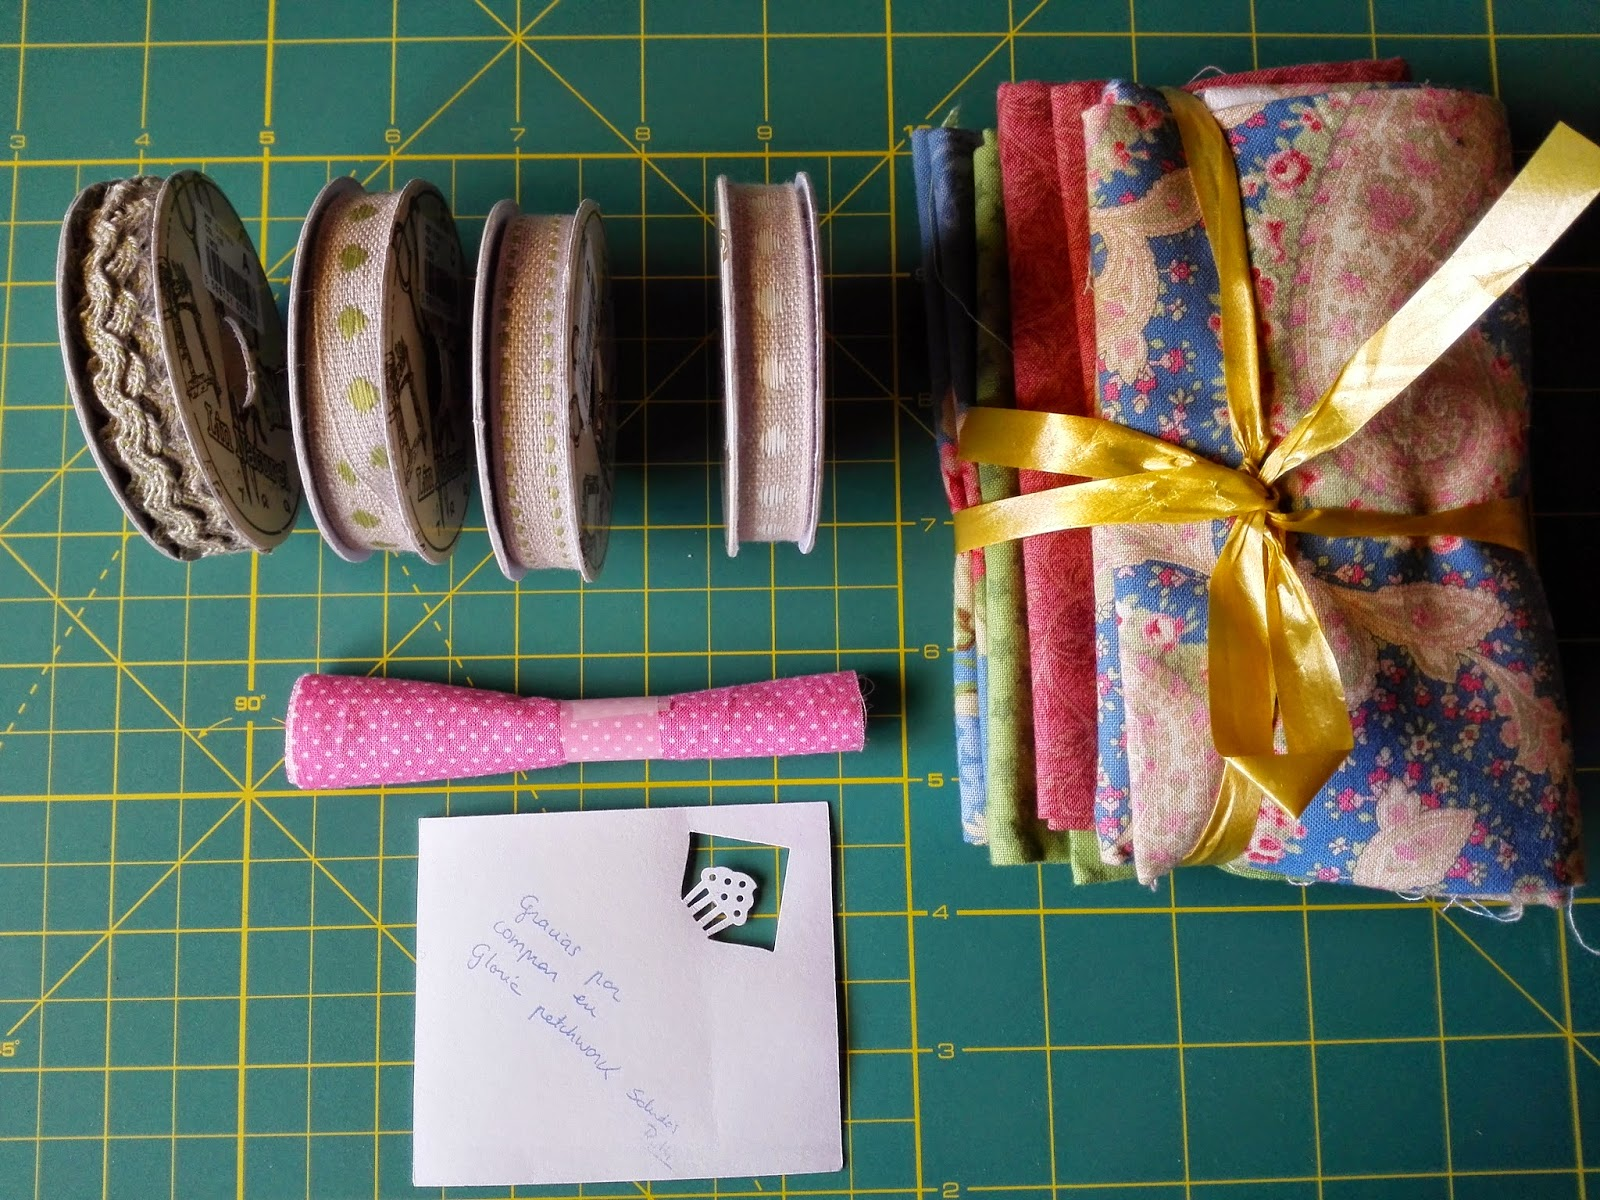 cintas, paquete de 4 telas, tardesconalma.blogspot.com